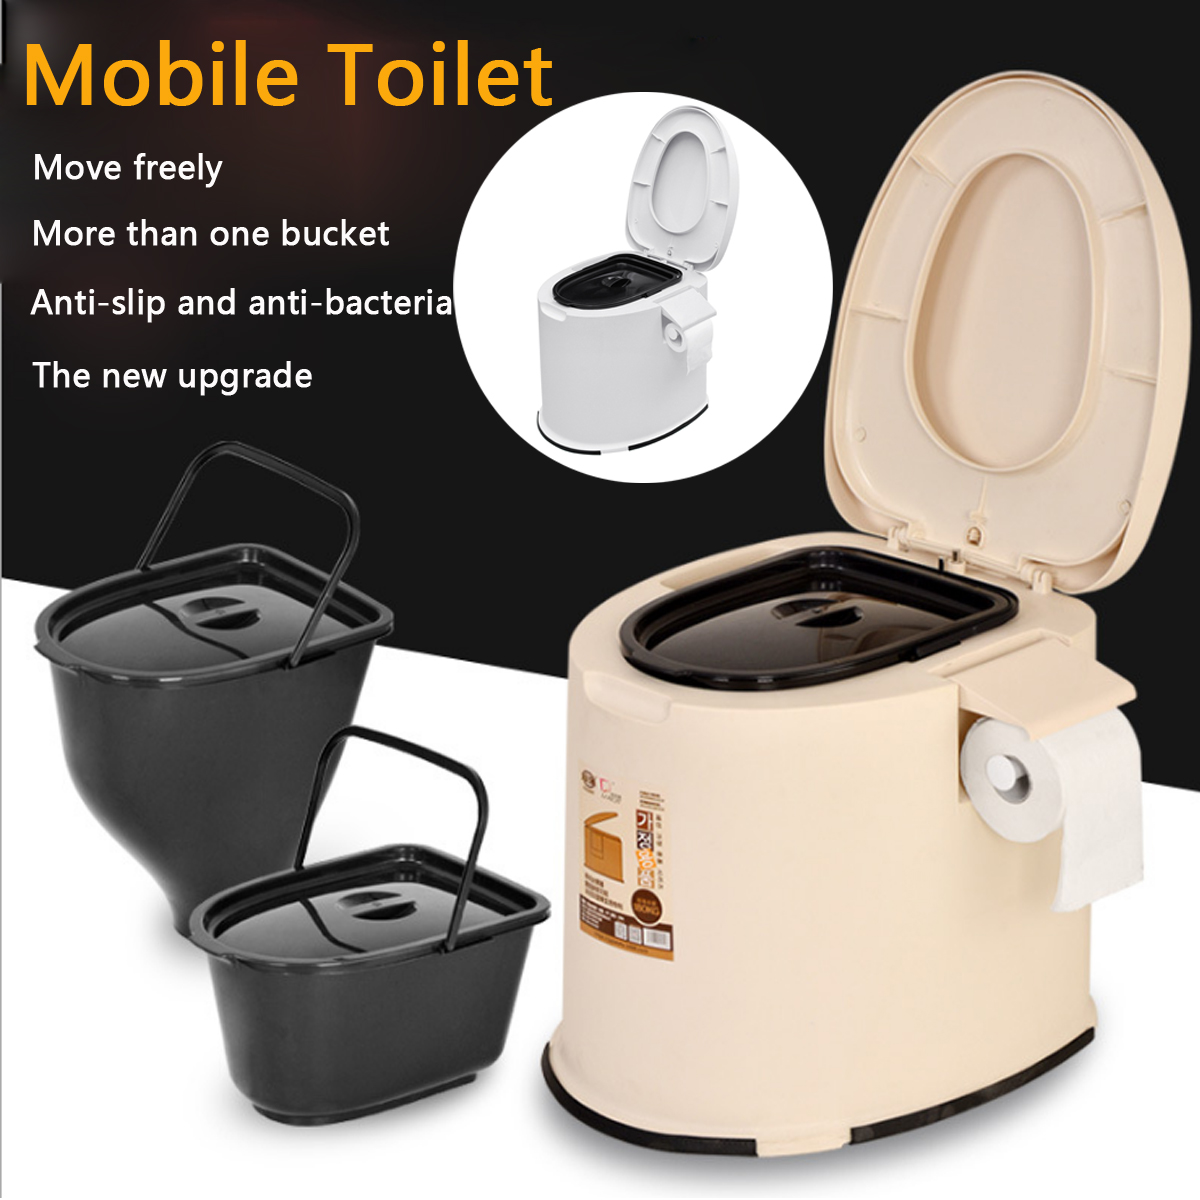 12L Ёмкость комфорт Портативный Туалет мобильных Туалет Путешествия Отдых комод горшок открытый/закрытый